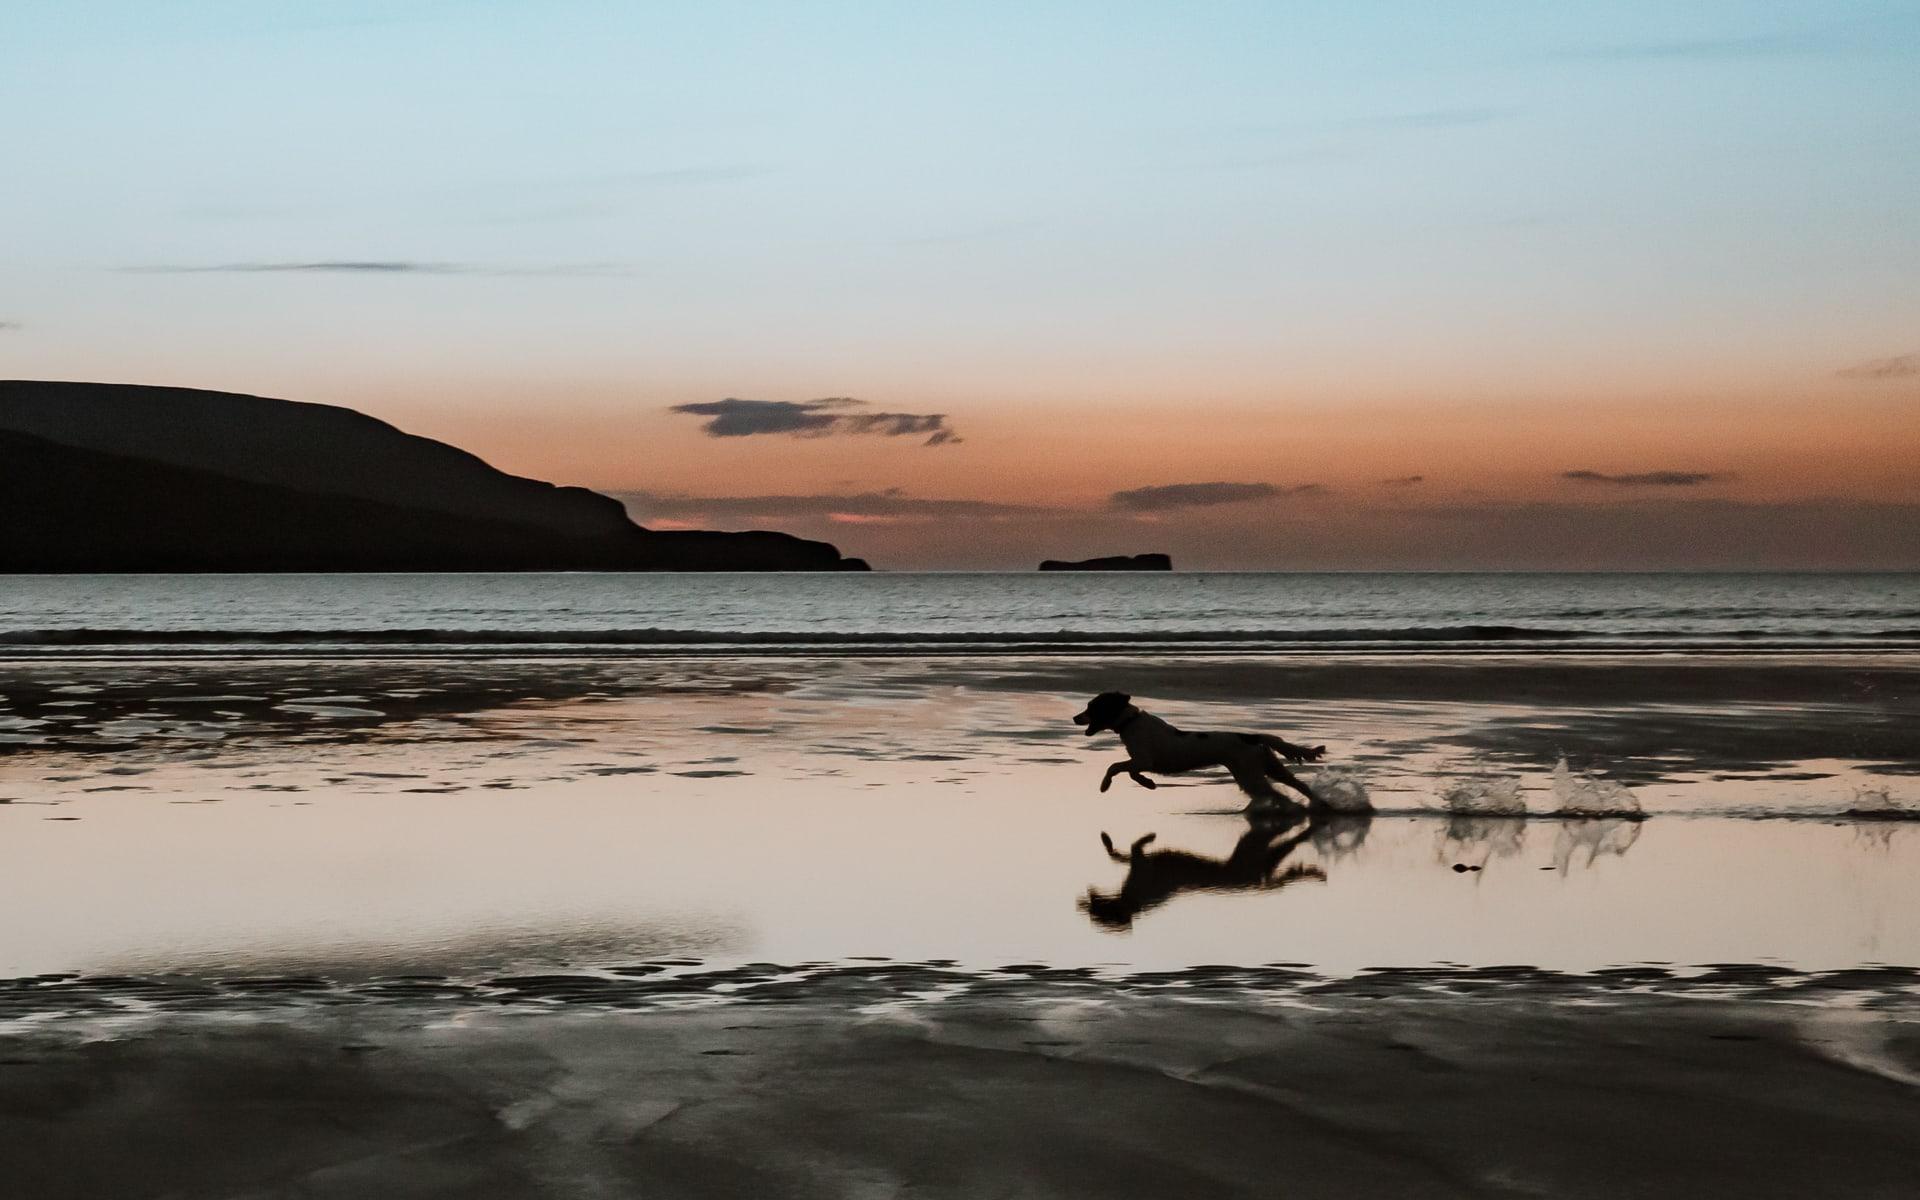 Silhouette of Springer spaniel running across the beach at sunset